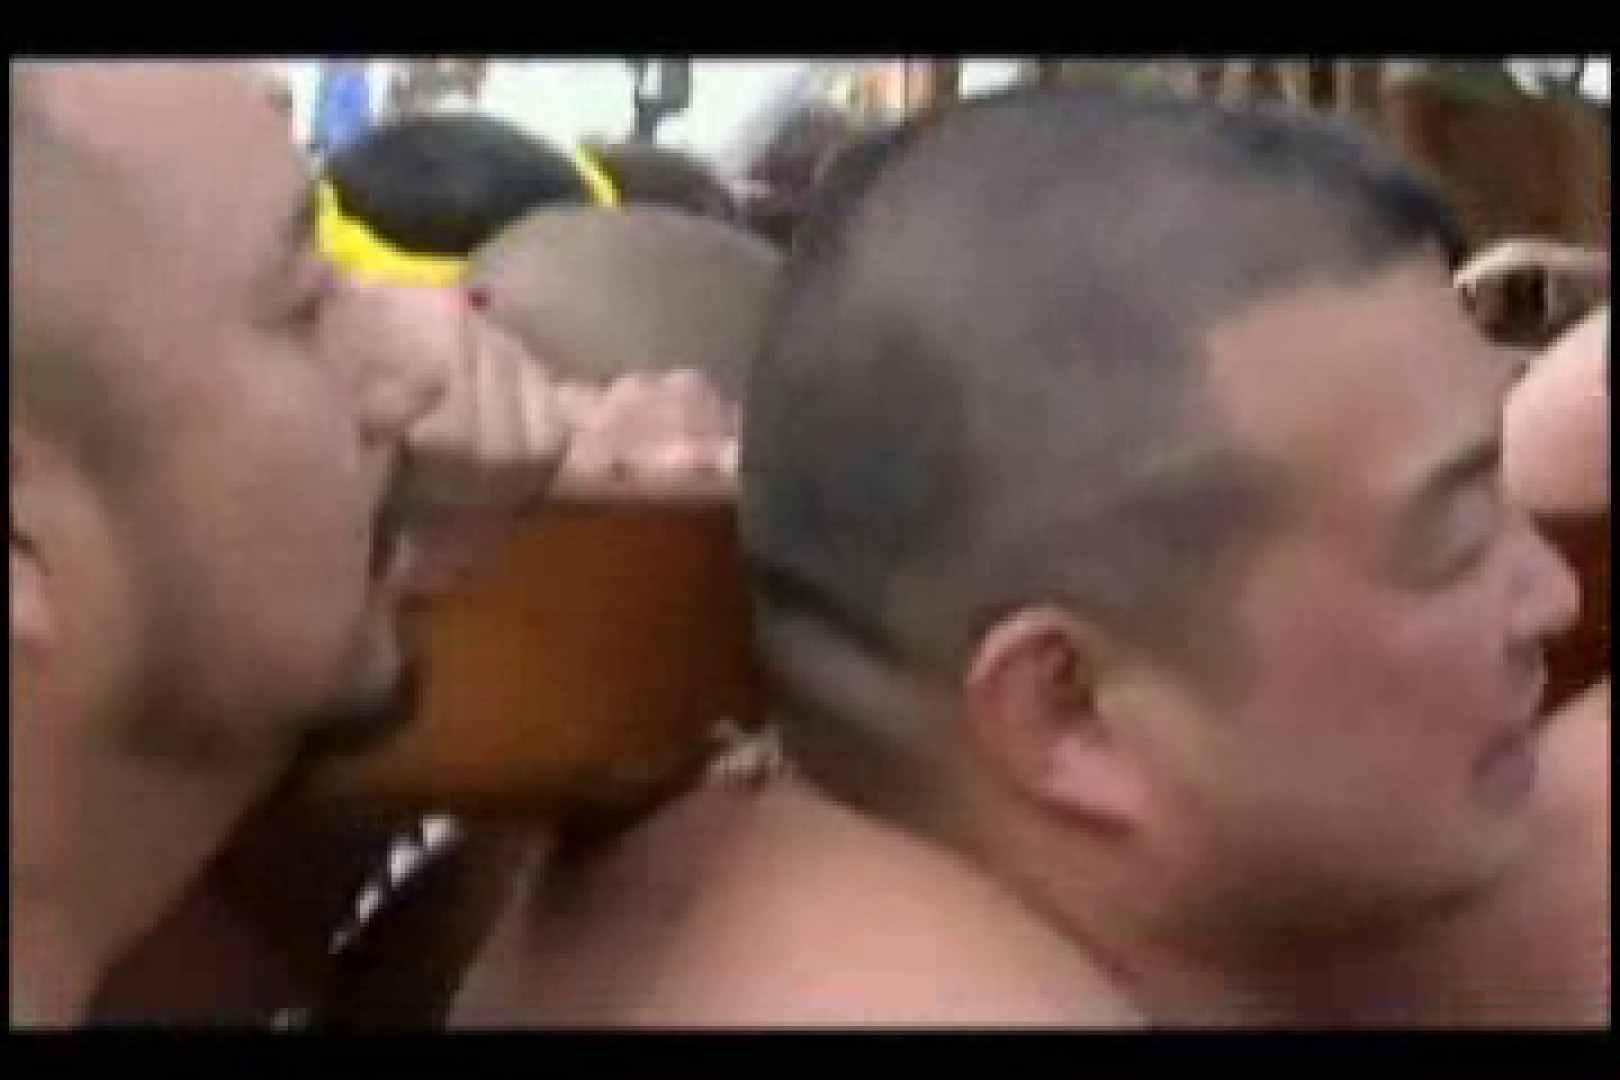 陰間茶屋 男児祭り VOL.2 ふんどし ゲイアダルト画像 82画像 58